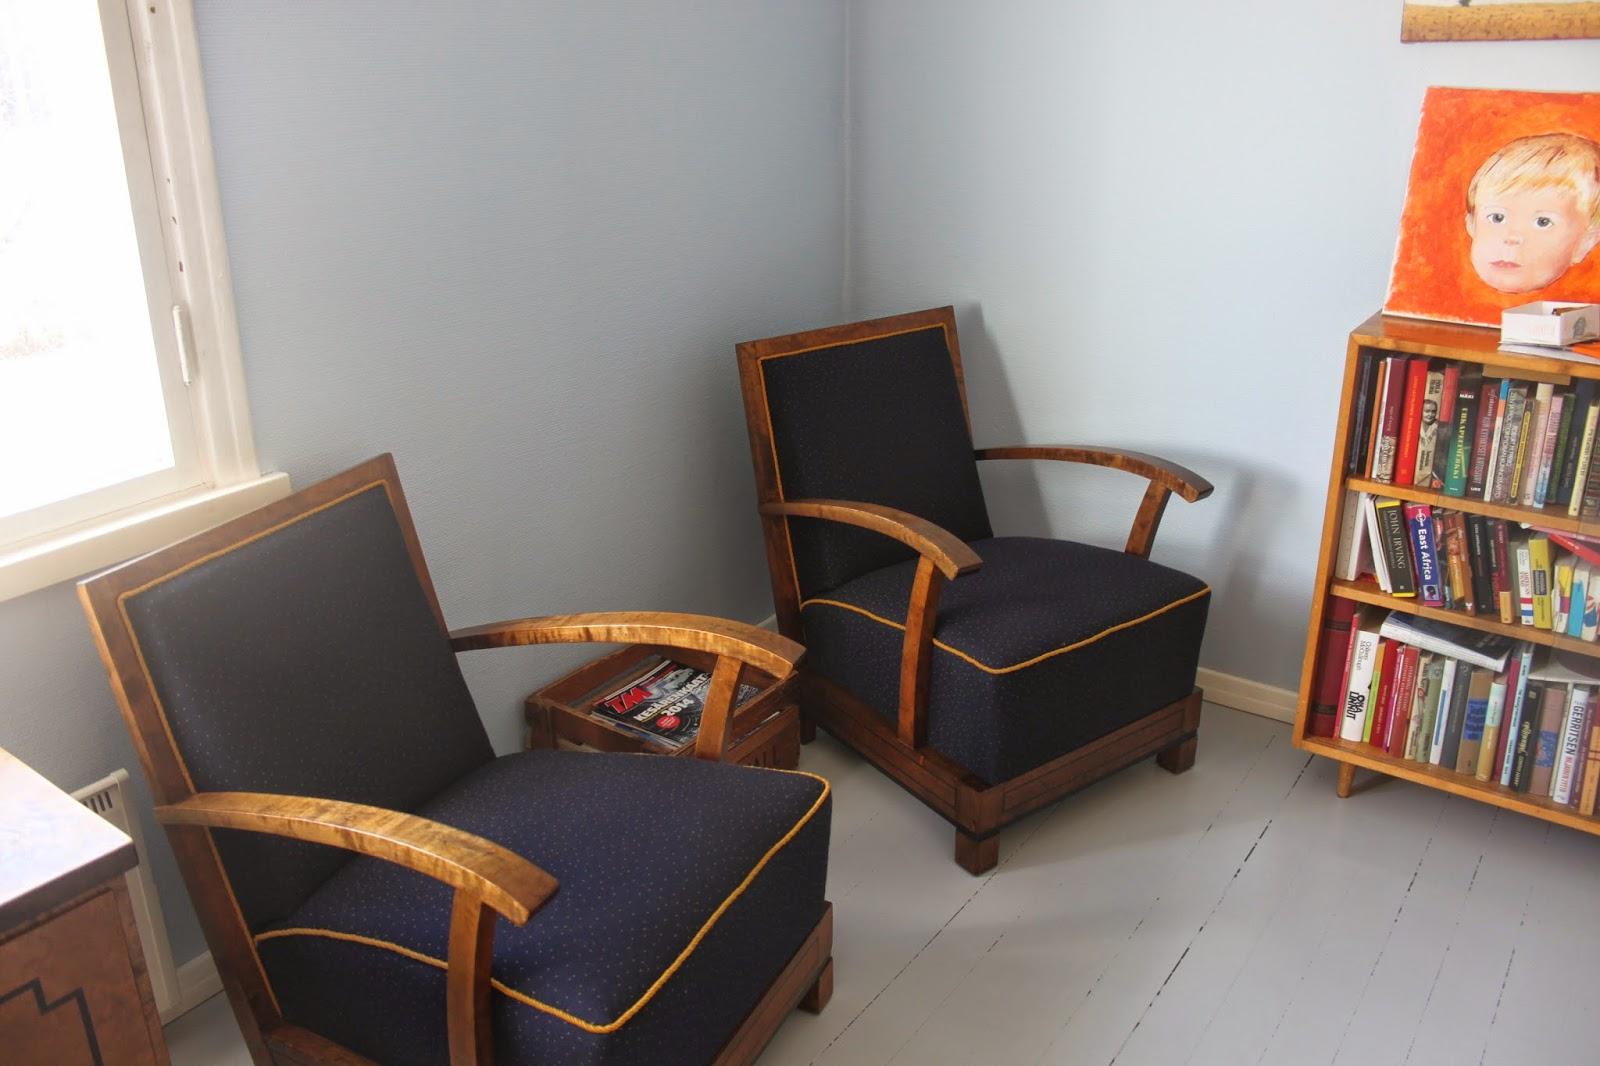 Sinikka Rommin seikkailut: Vanhat tuolit takasin kotona